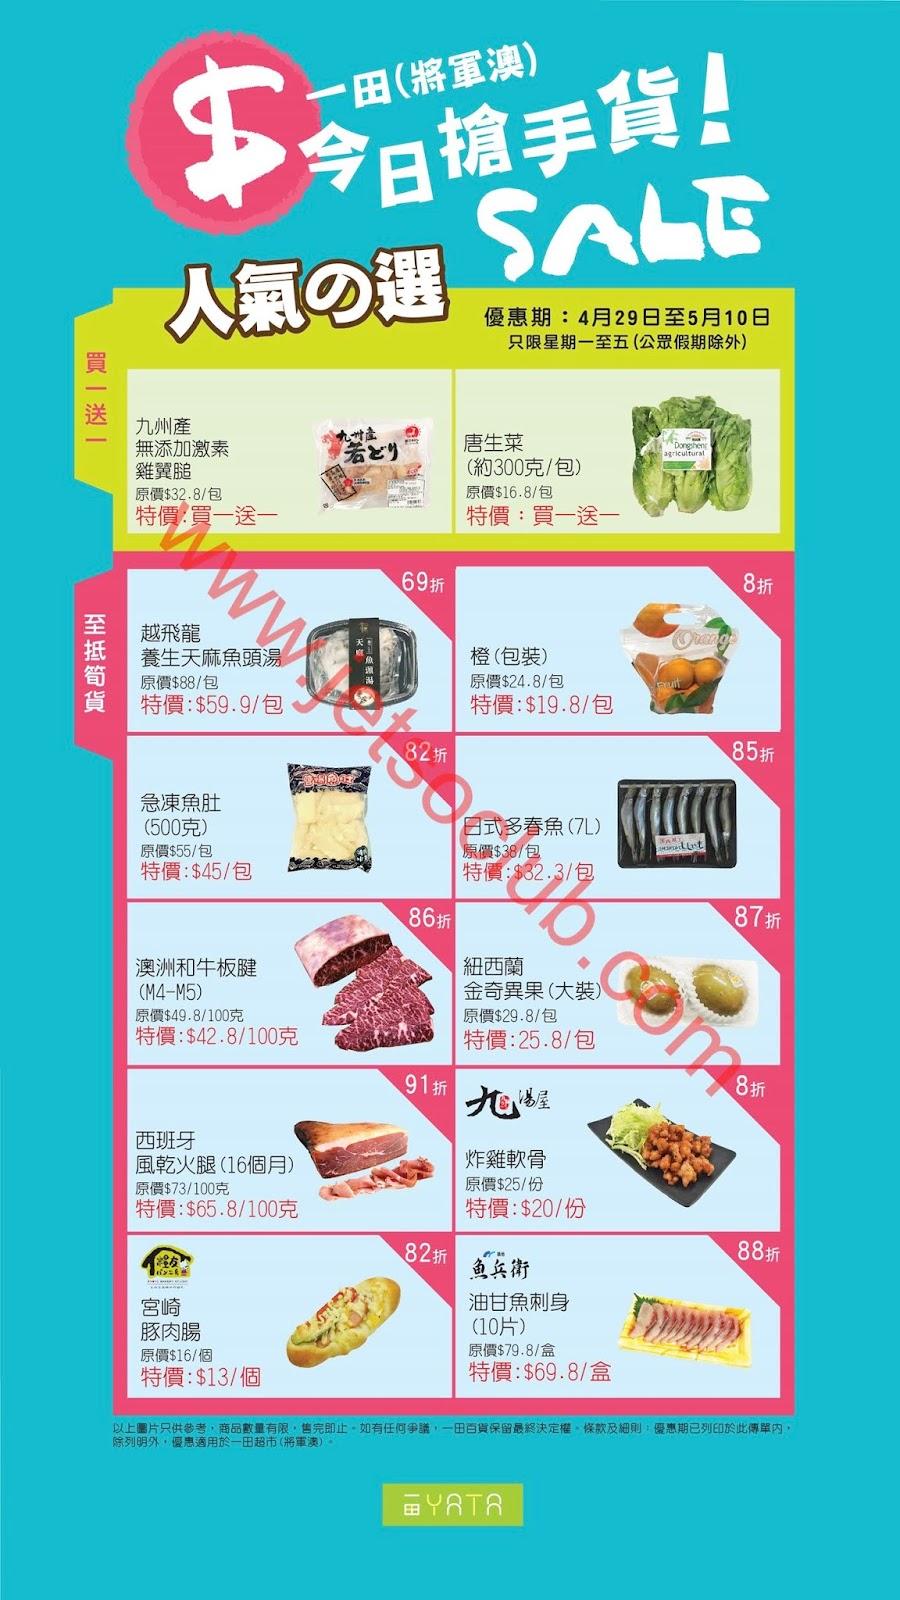 一田超市:荃灣/將軍澳店 今日搶手貨(29/4-10/5) ( Jetso Club 著數俱樂部 )